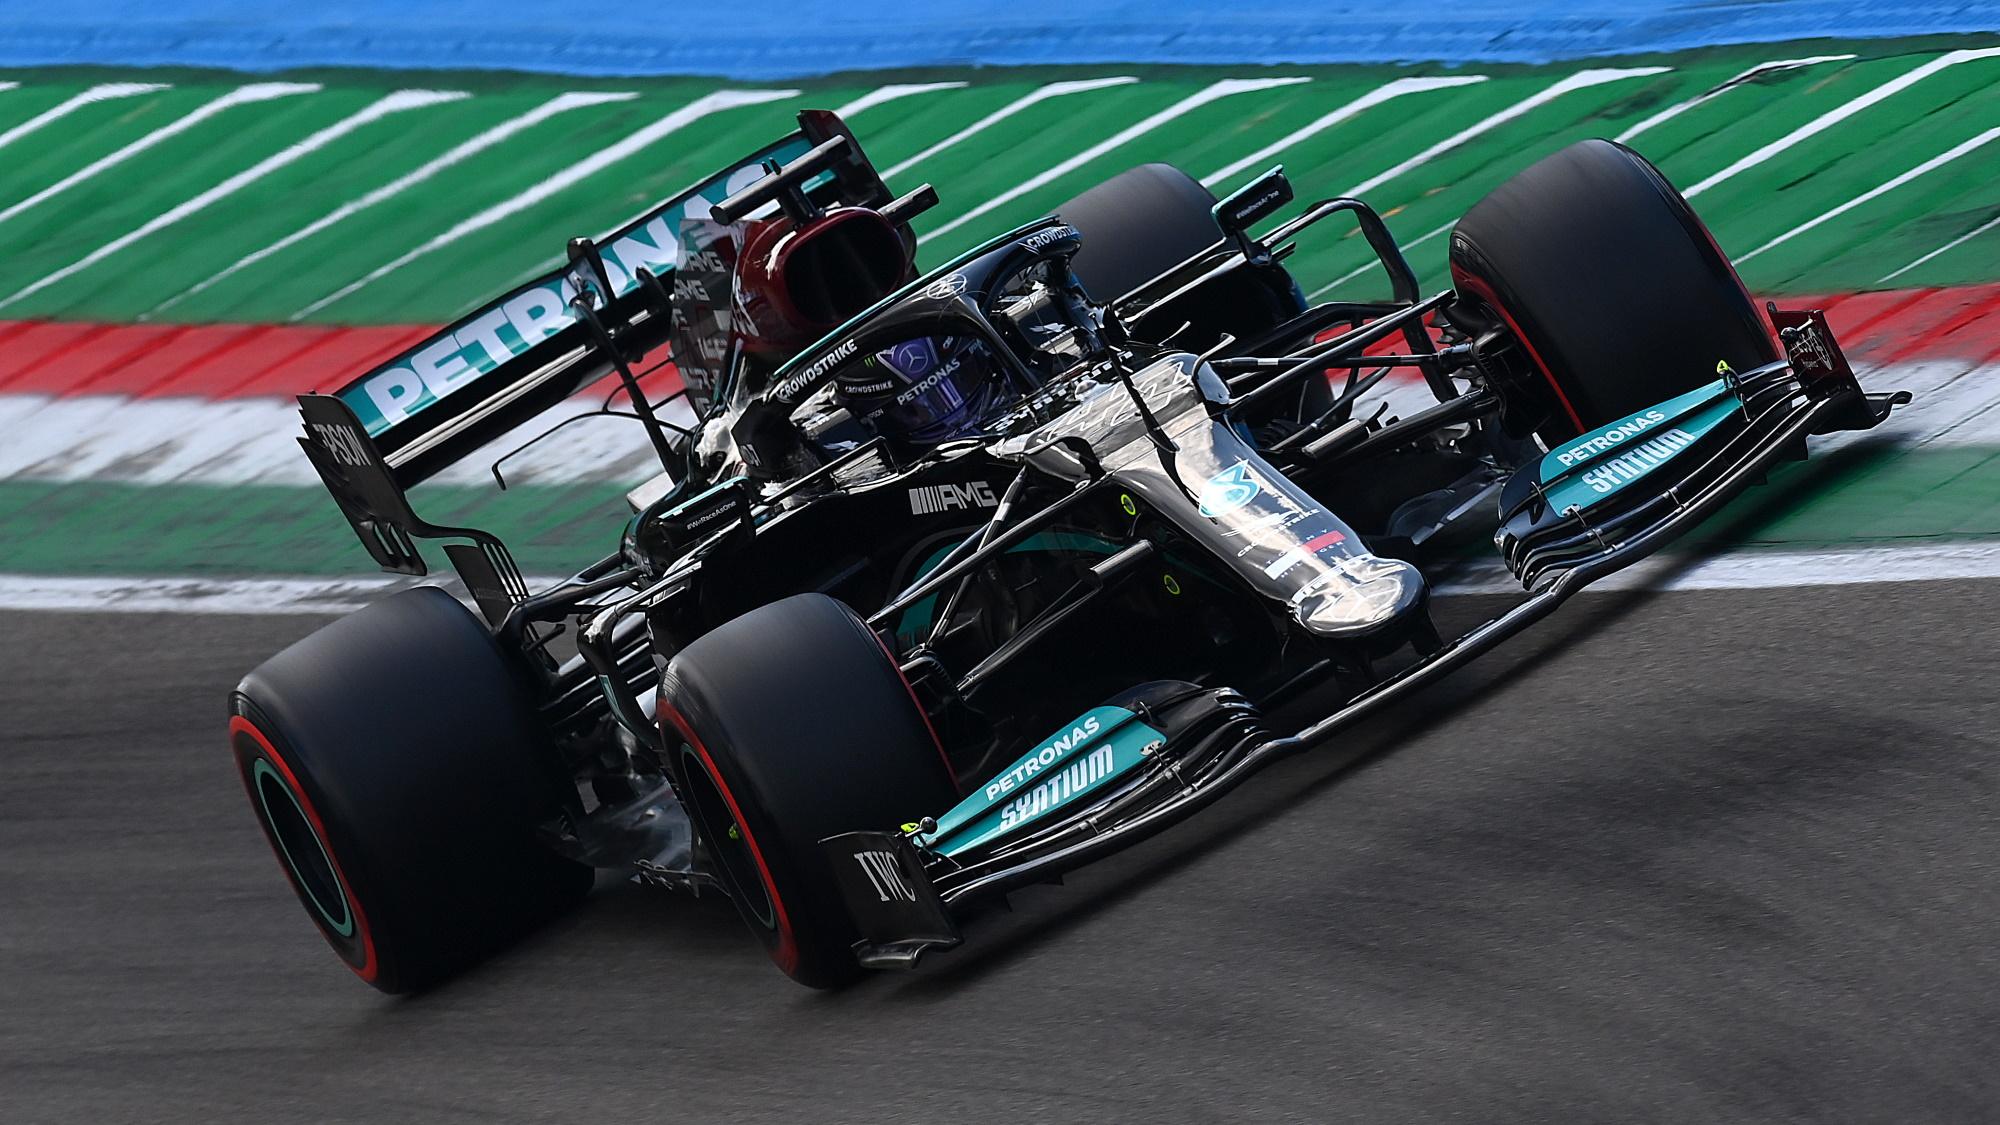 Lewis Hamilton at Emilia Romagna GP 2021